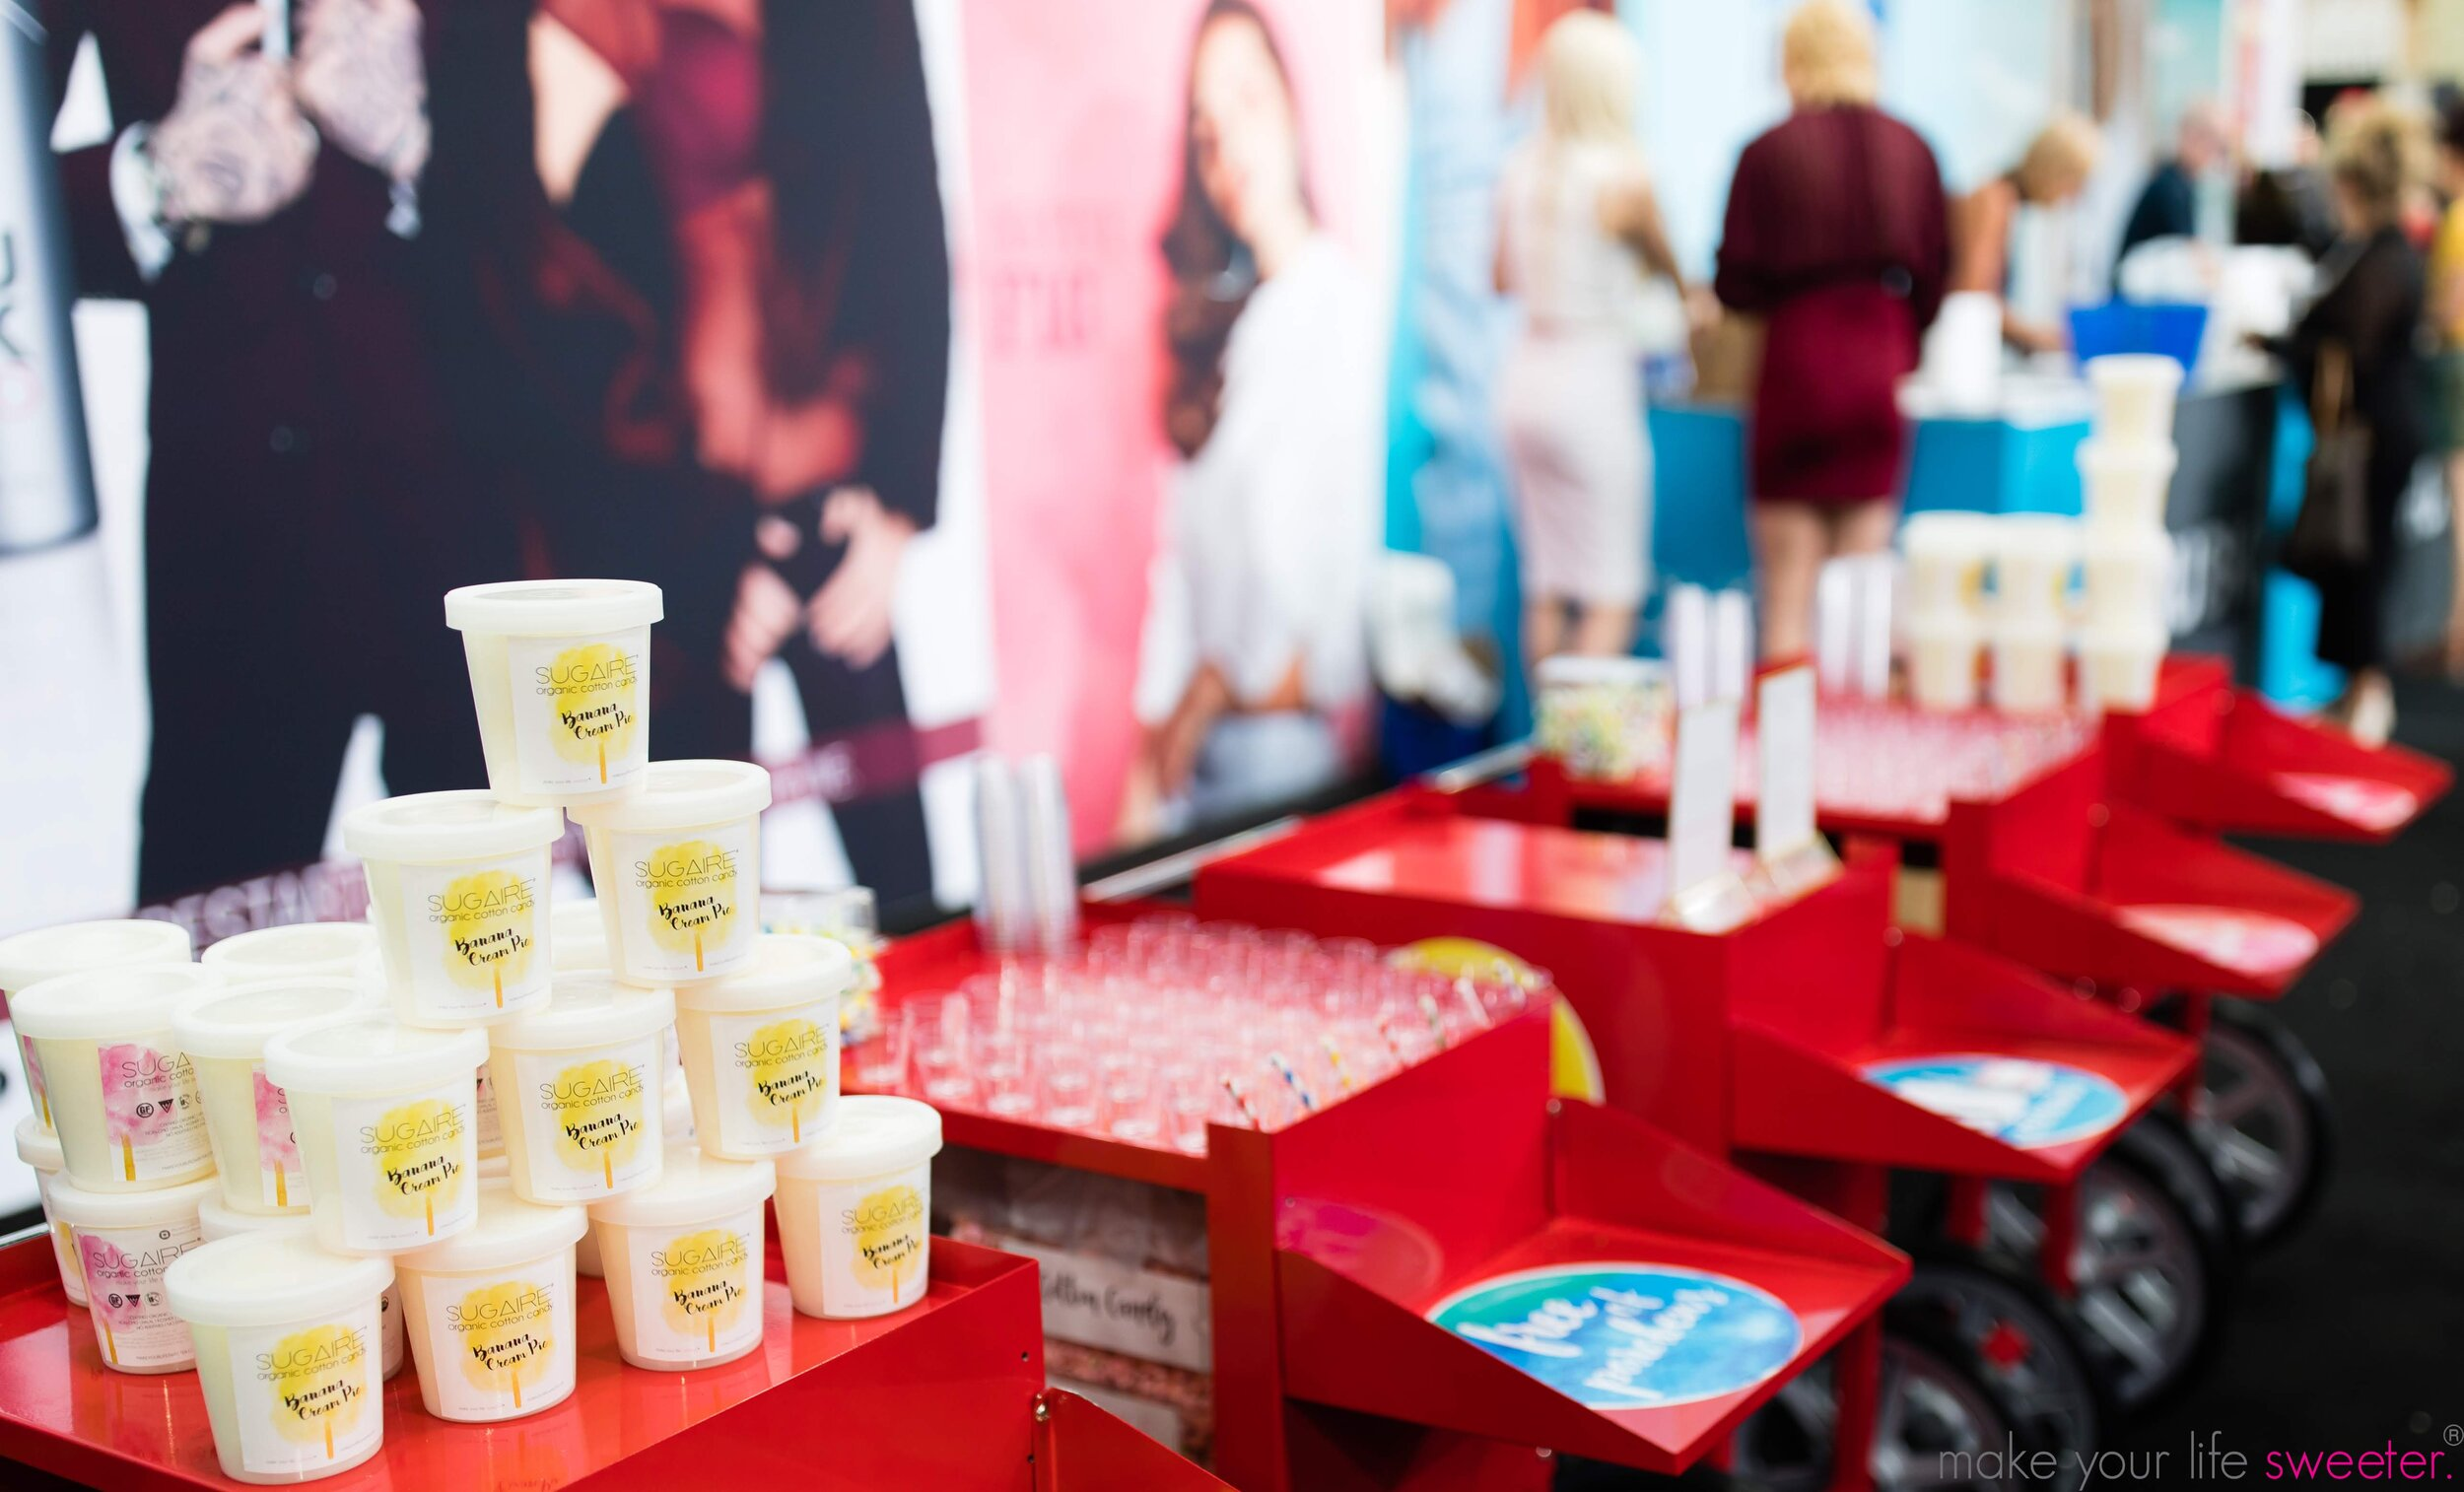 Armstrong McCall World's Fair Hair Show: Conair Booth - Sugaire Organic Cotton Candy Tasting Bar: Banana Cream Pie